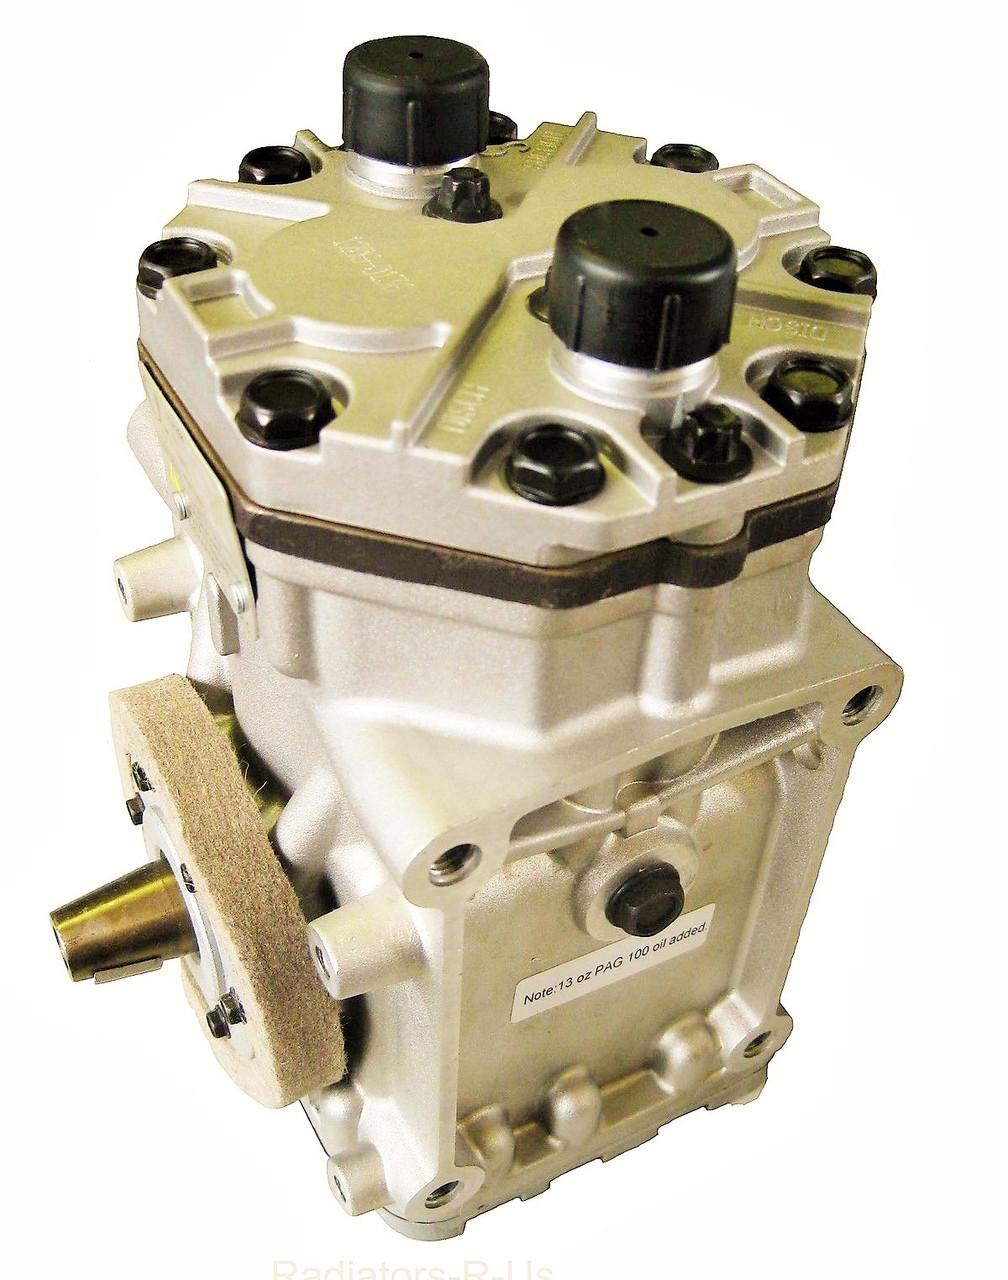 York компрессор новый  66-12175-1